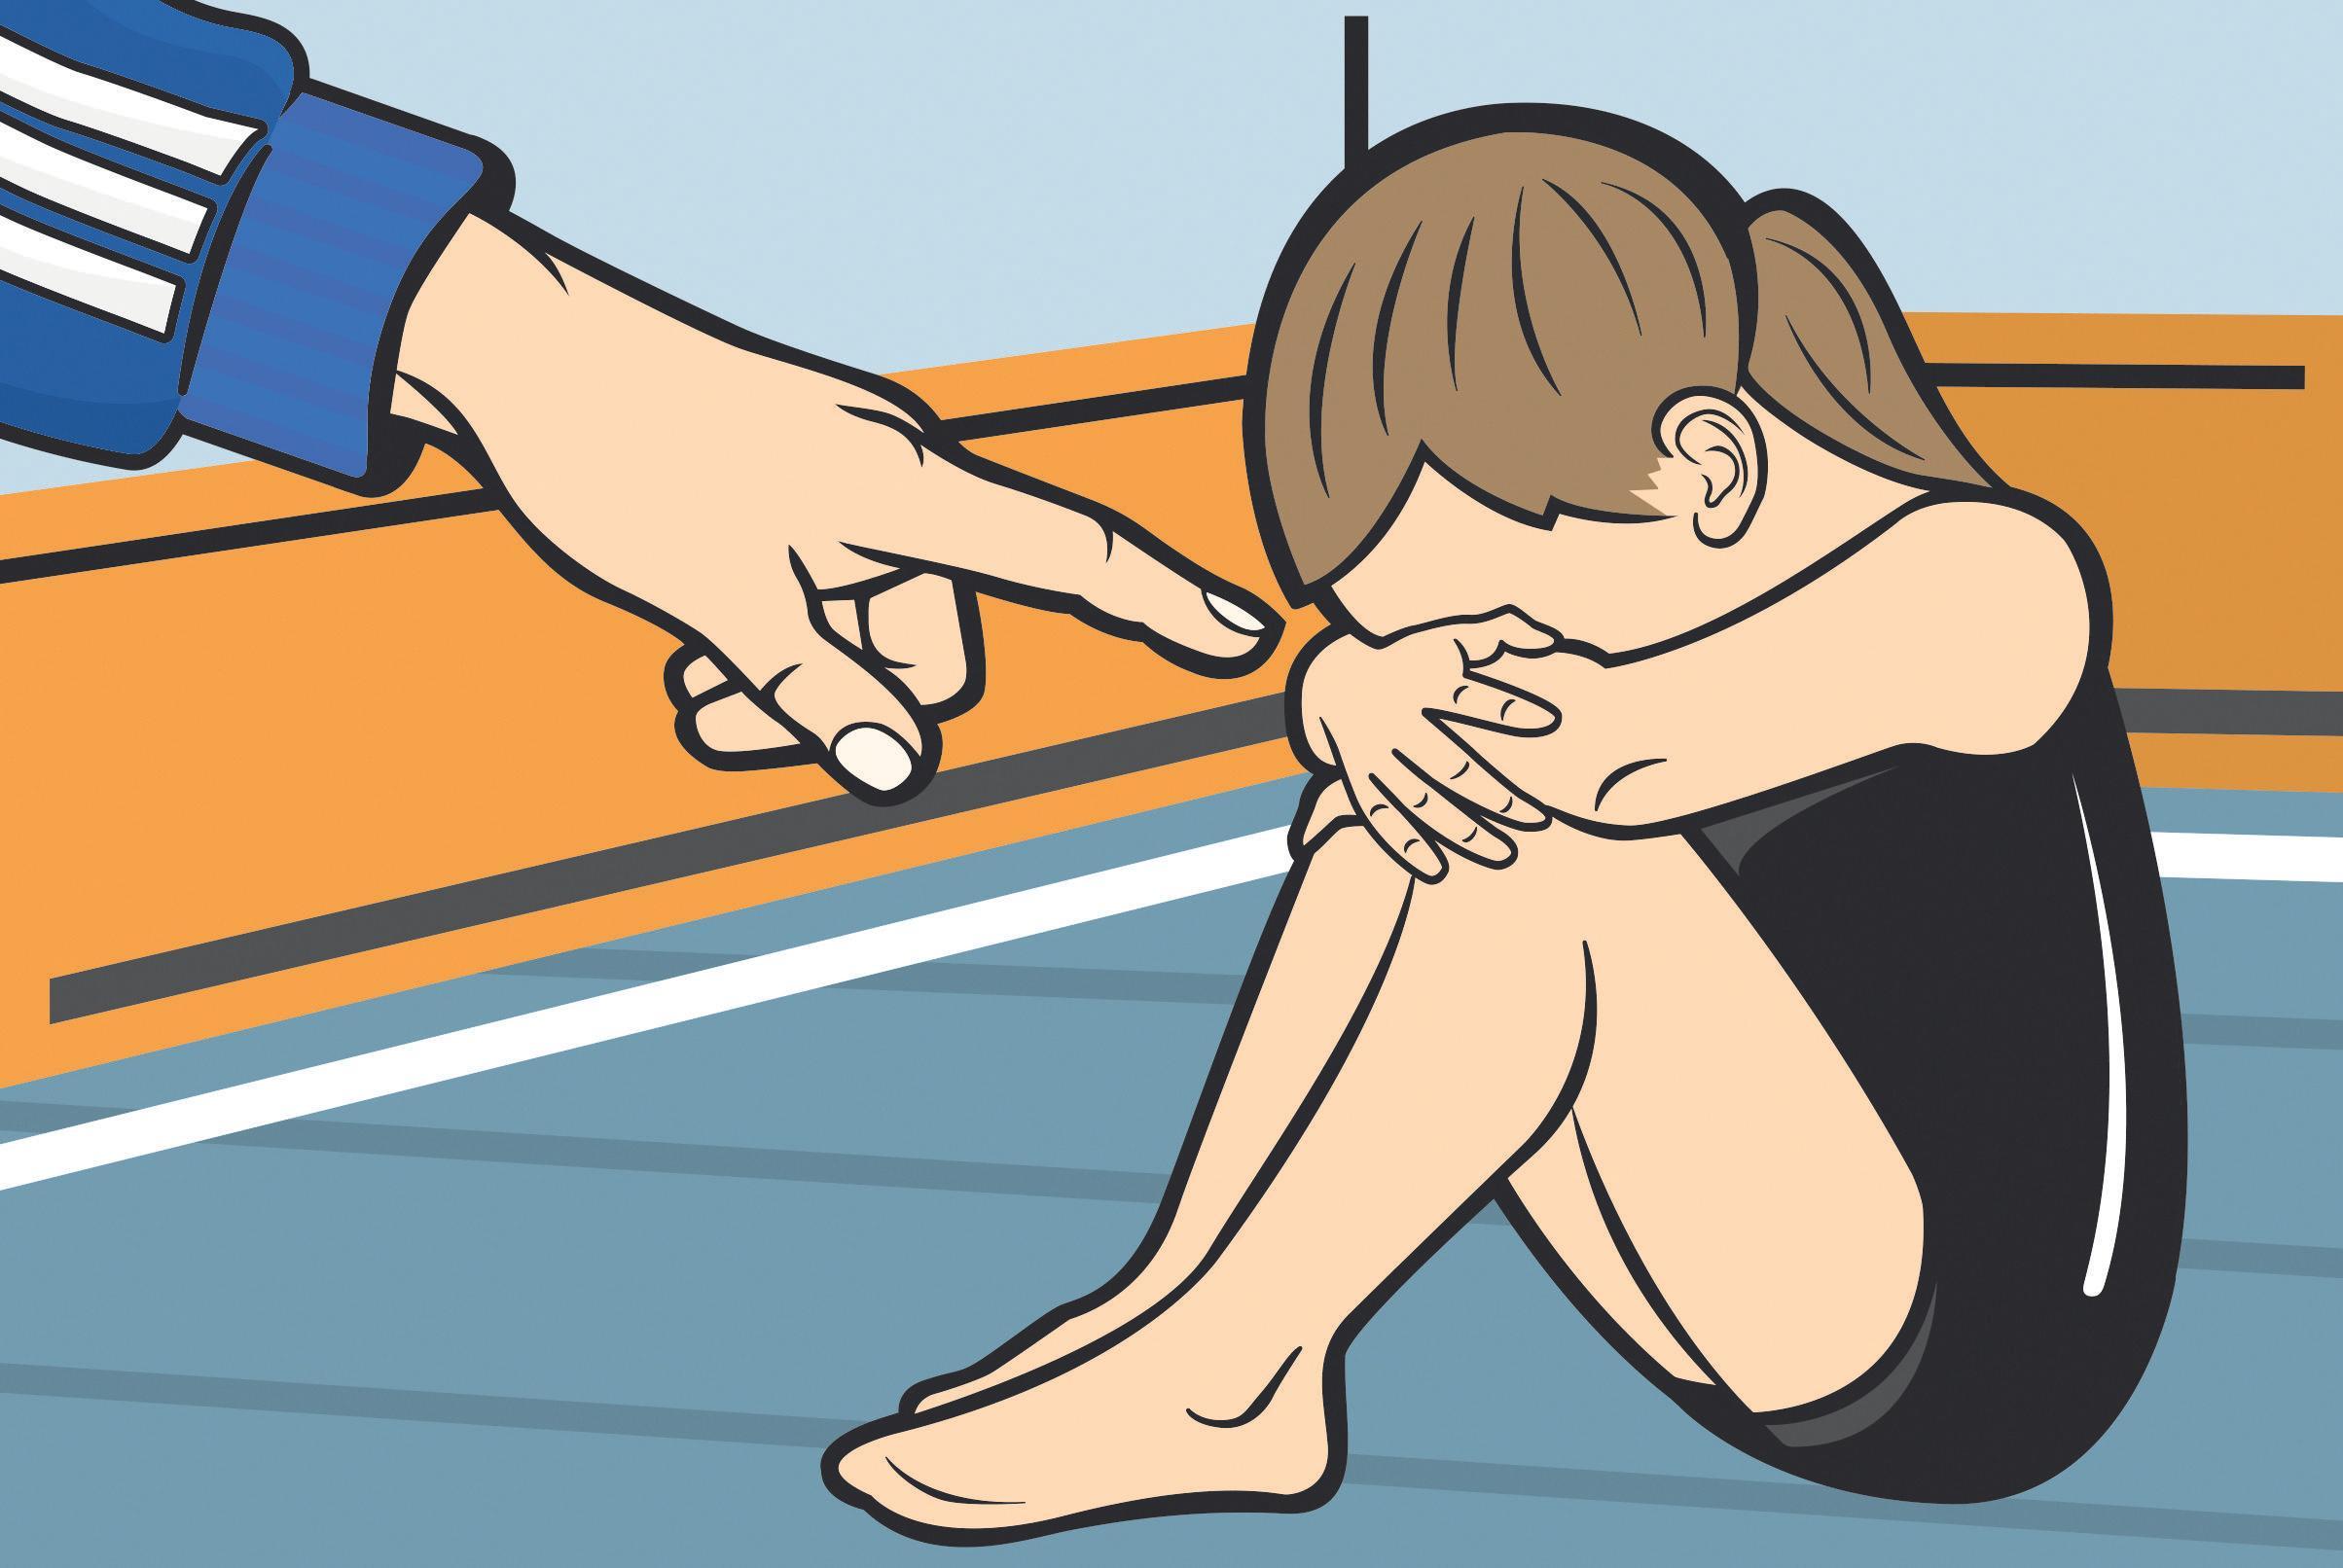 Opinie: Sportpsychologen moeten scherper op het moreel kompas navigeren